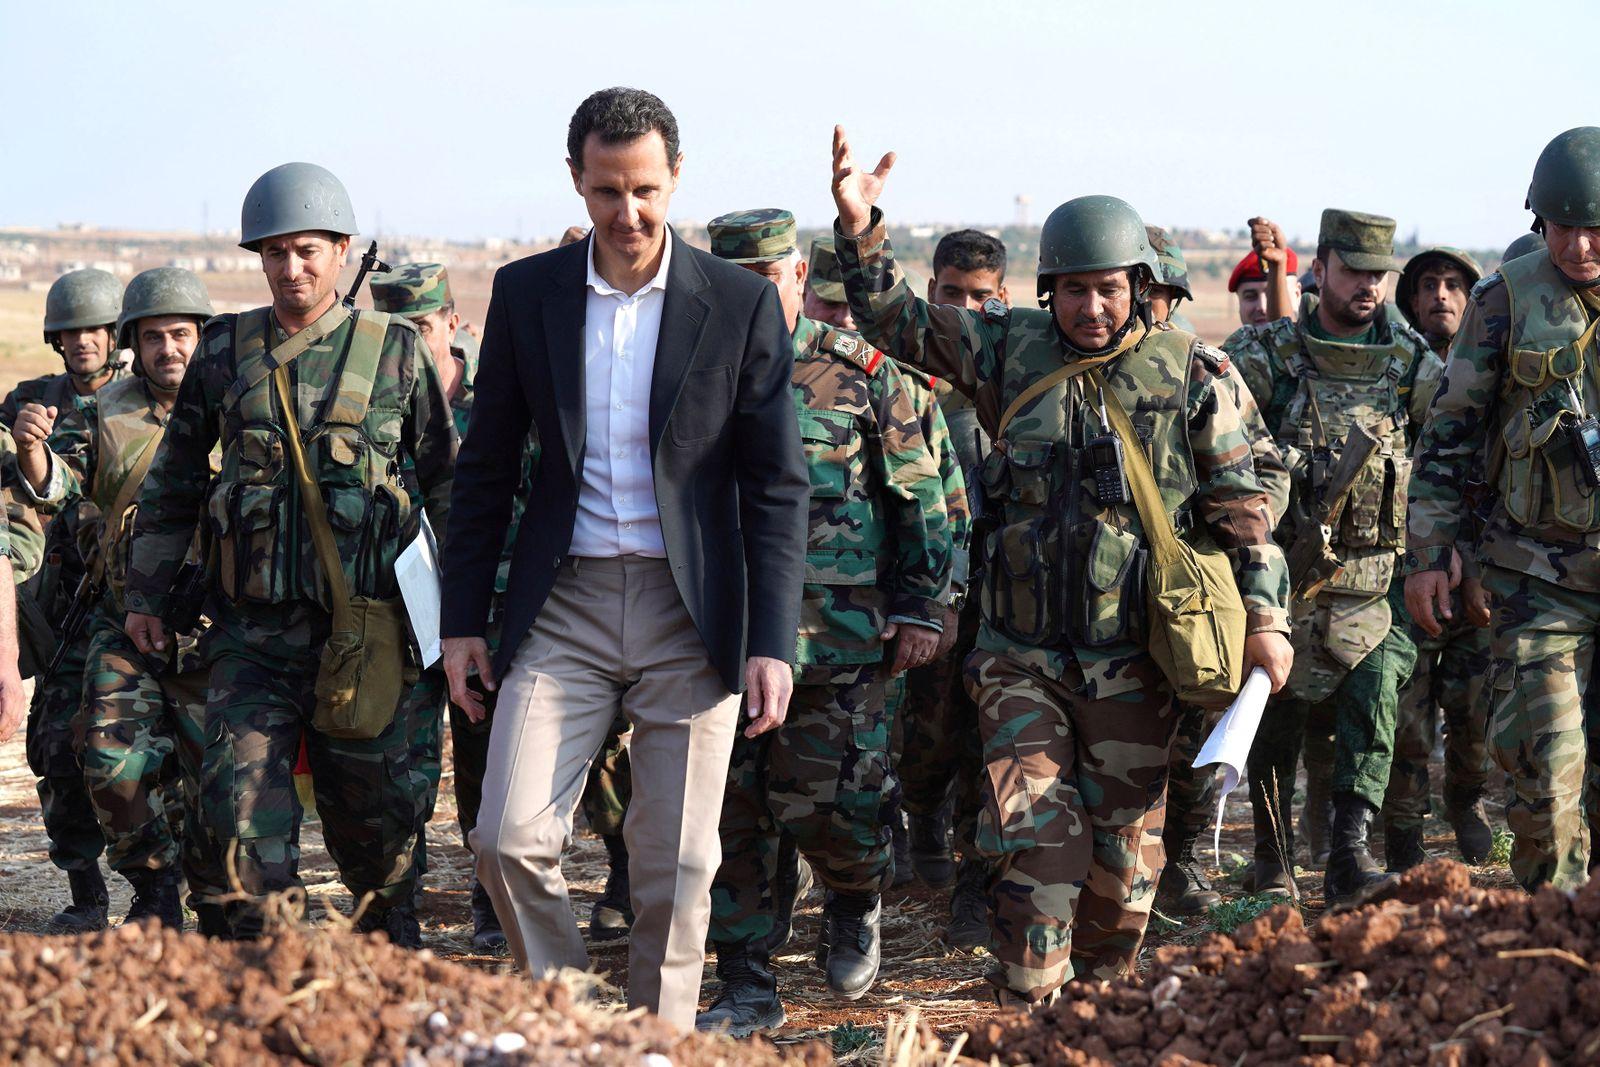 Syrian President Bashar al Assad visits Syrian army troops in war-torn northwestern Idlib province